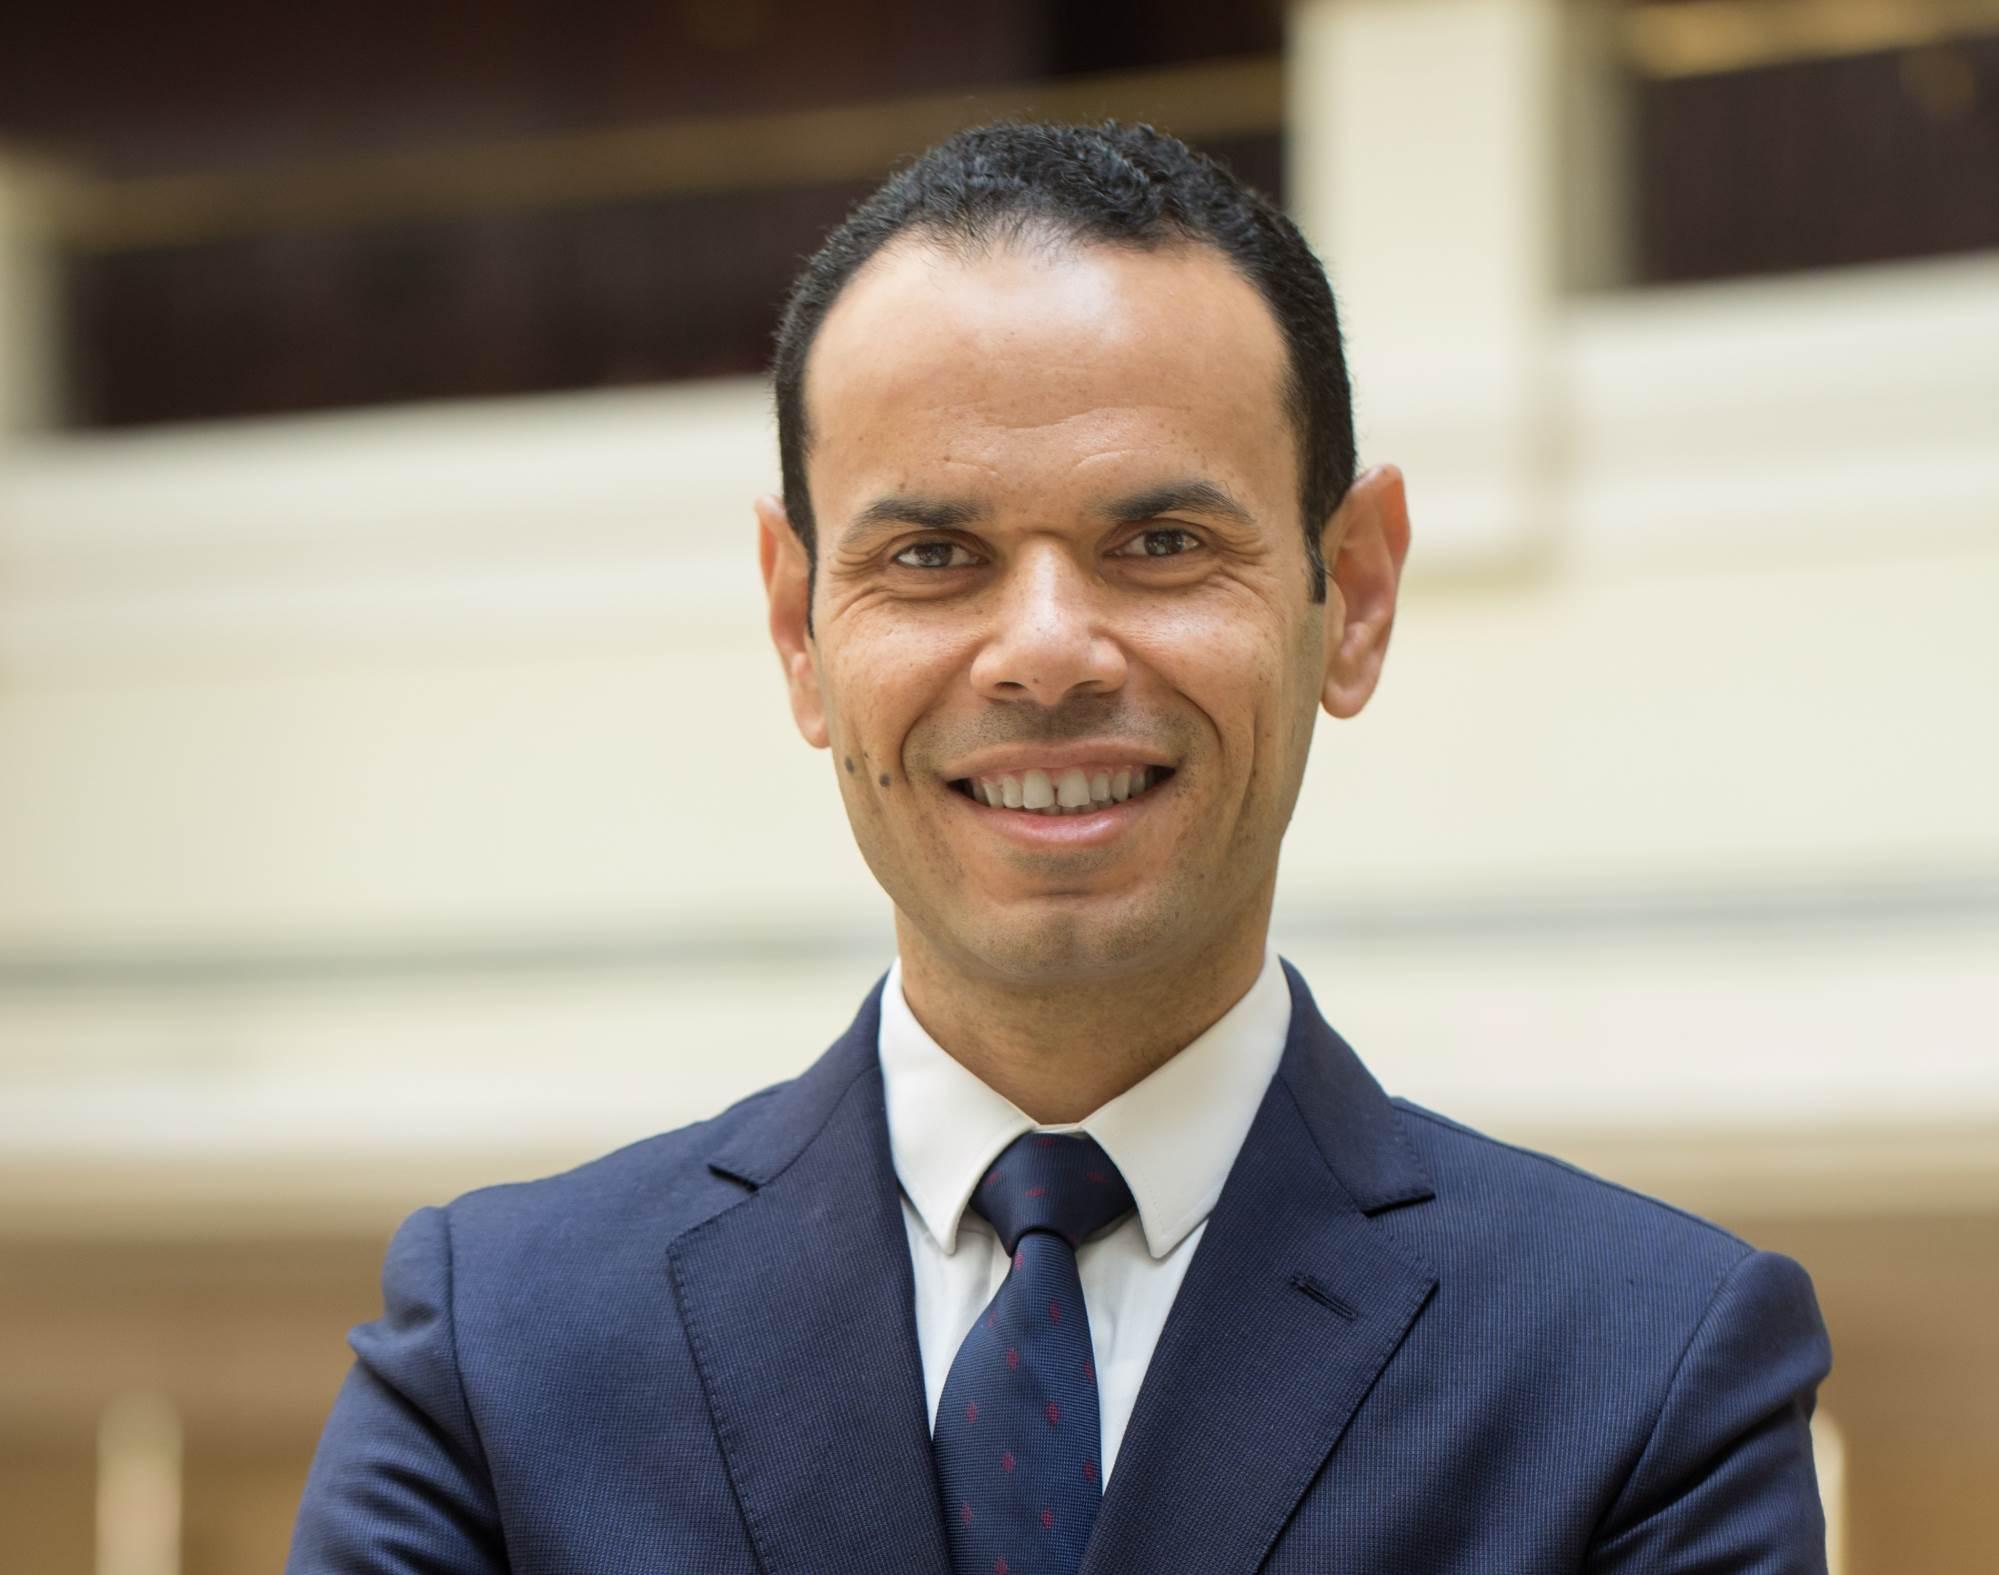 المهندس محمد هاني العسال -الرئيس التنفيذي والعضو المنتدب لـ»مصر إيطاليا العقارية»